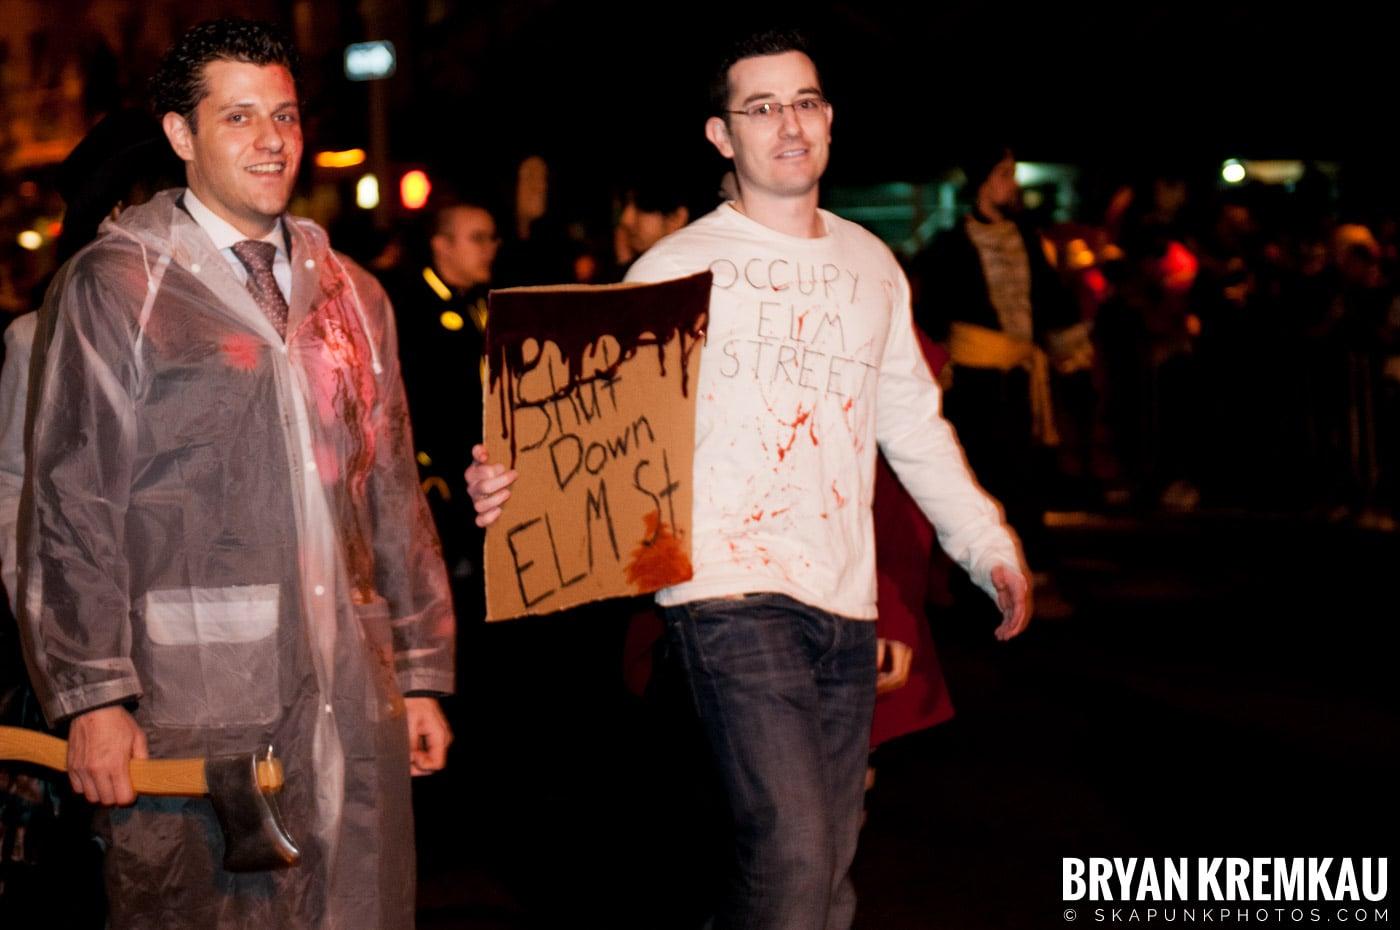 NYC Halloween Parade 2011 @ New York, NY - 10.31.11 (36)